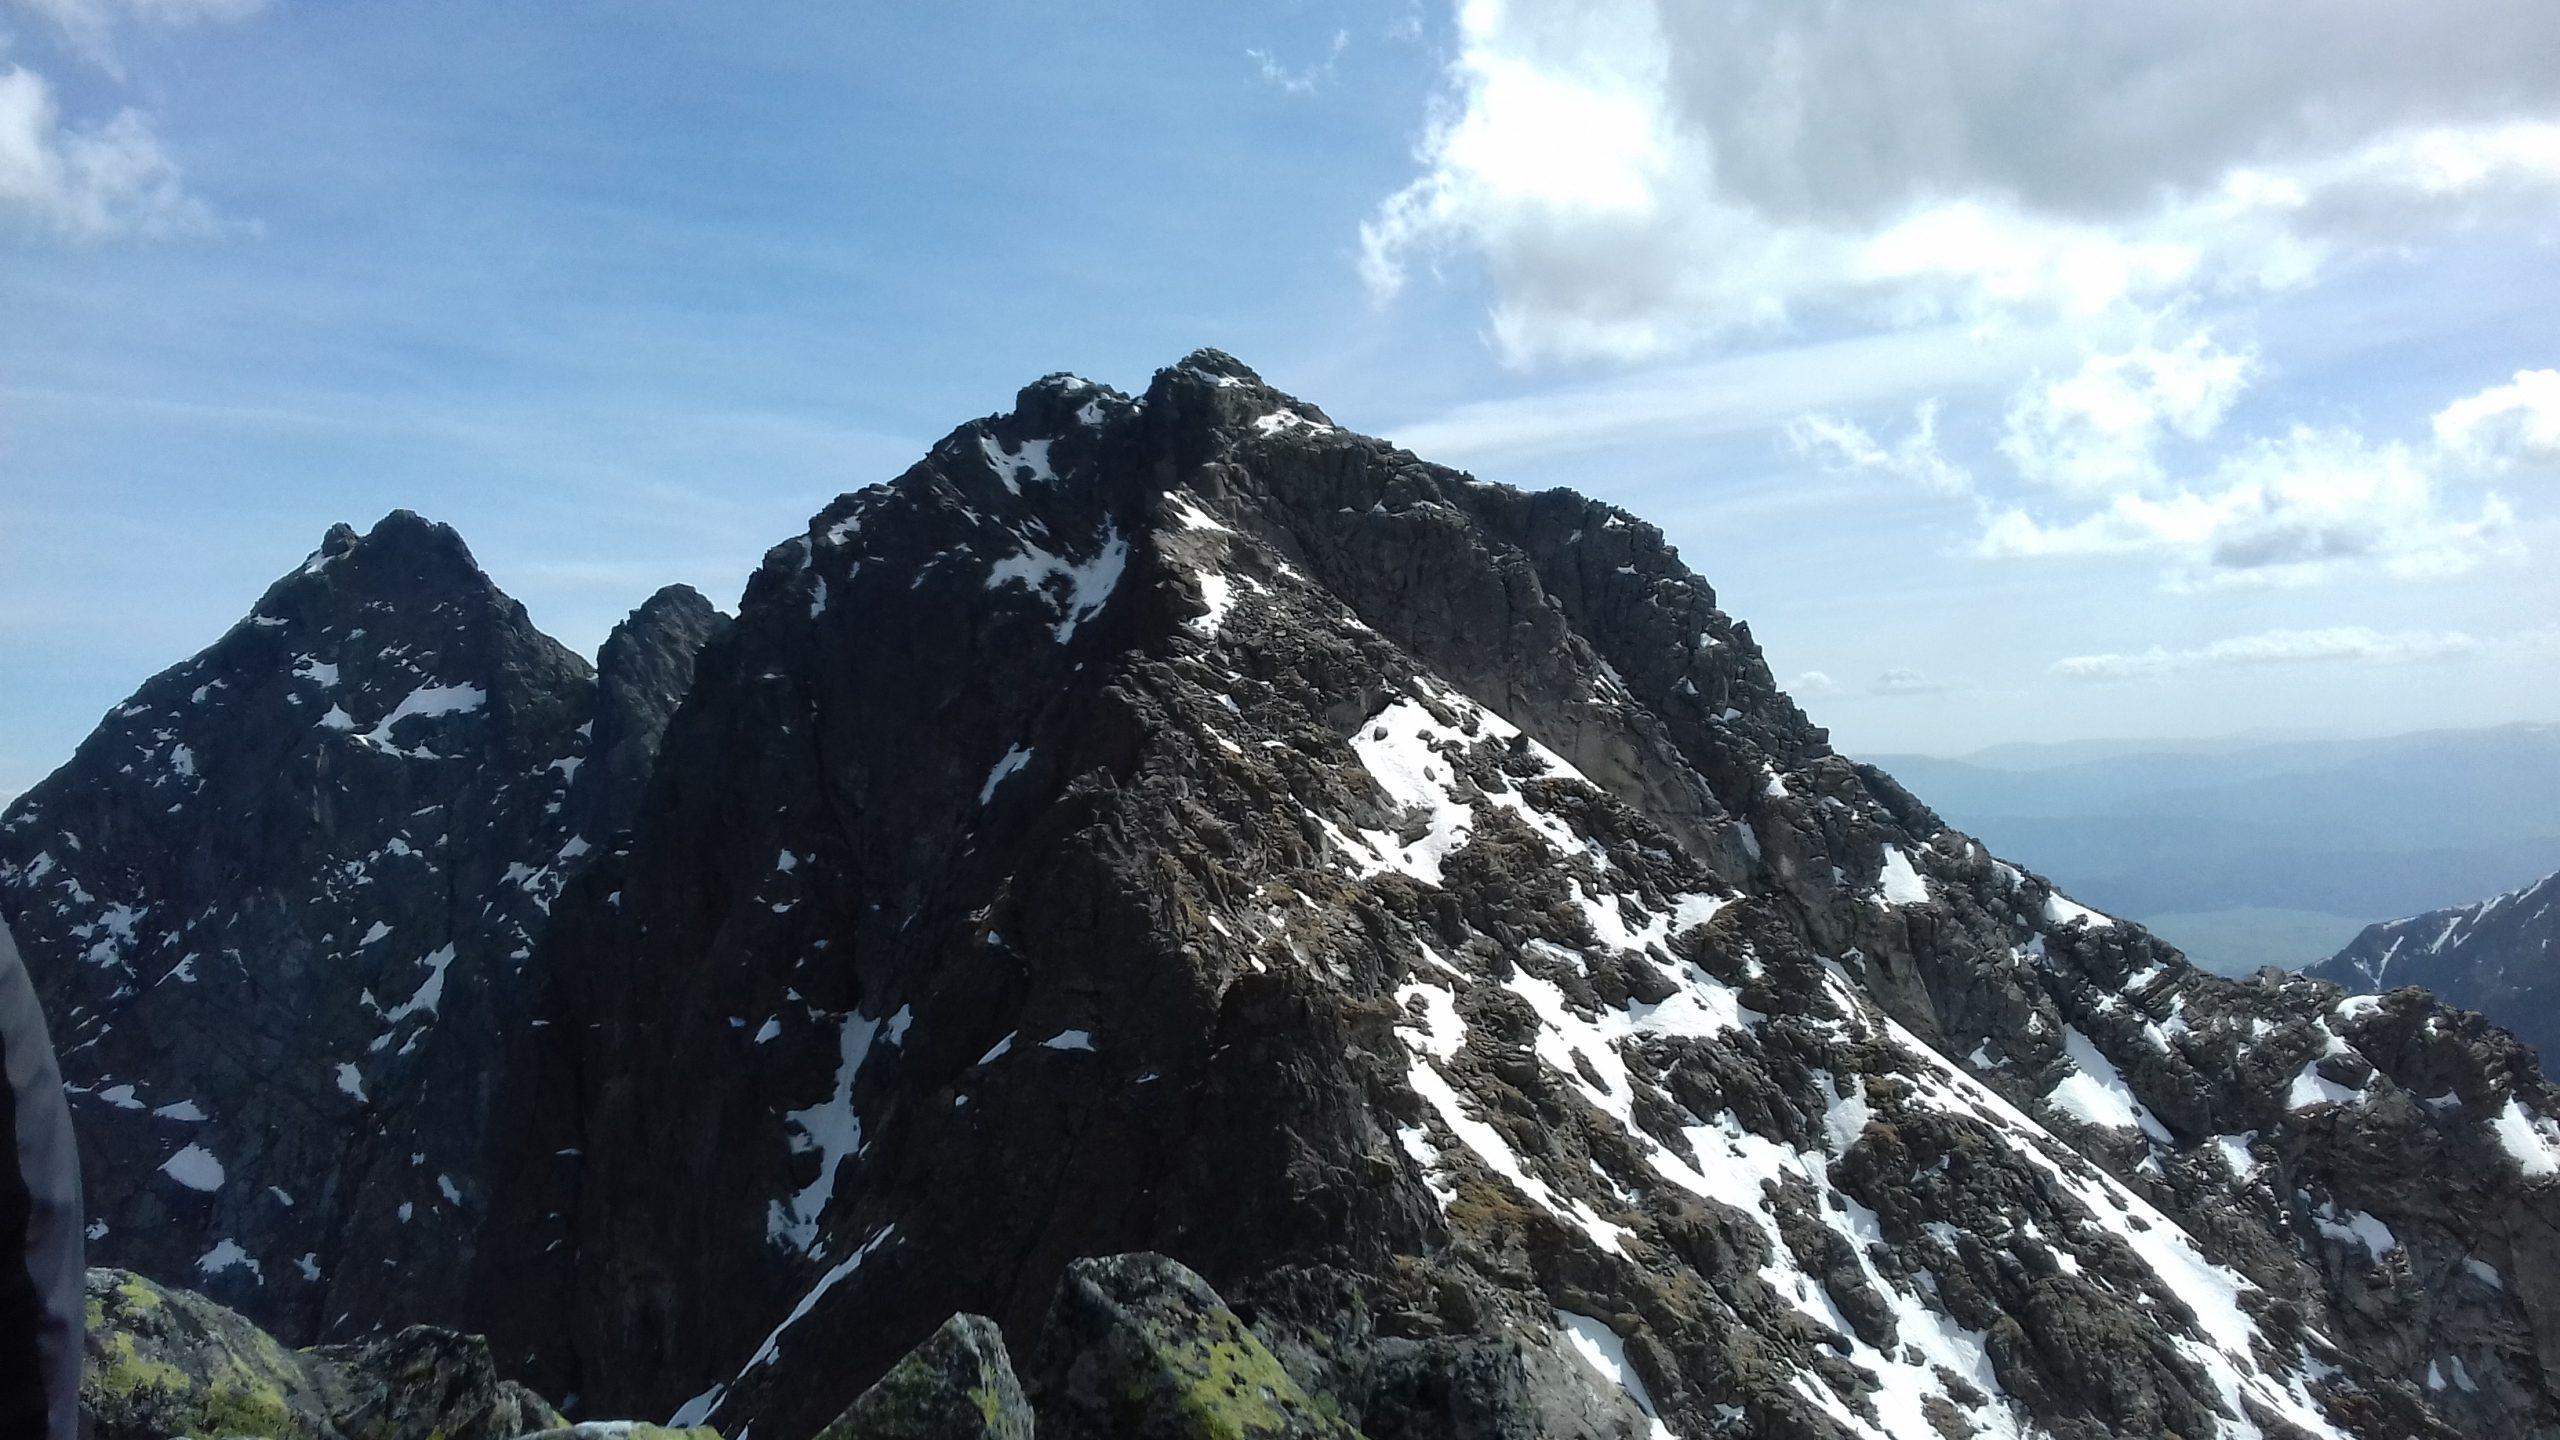 Tajemnicze Tatry, cz. 11 Niżnie Rysy Piękna góra wspinaczy i narciarzy, w cieniu Rysów…